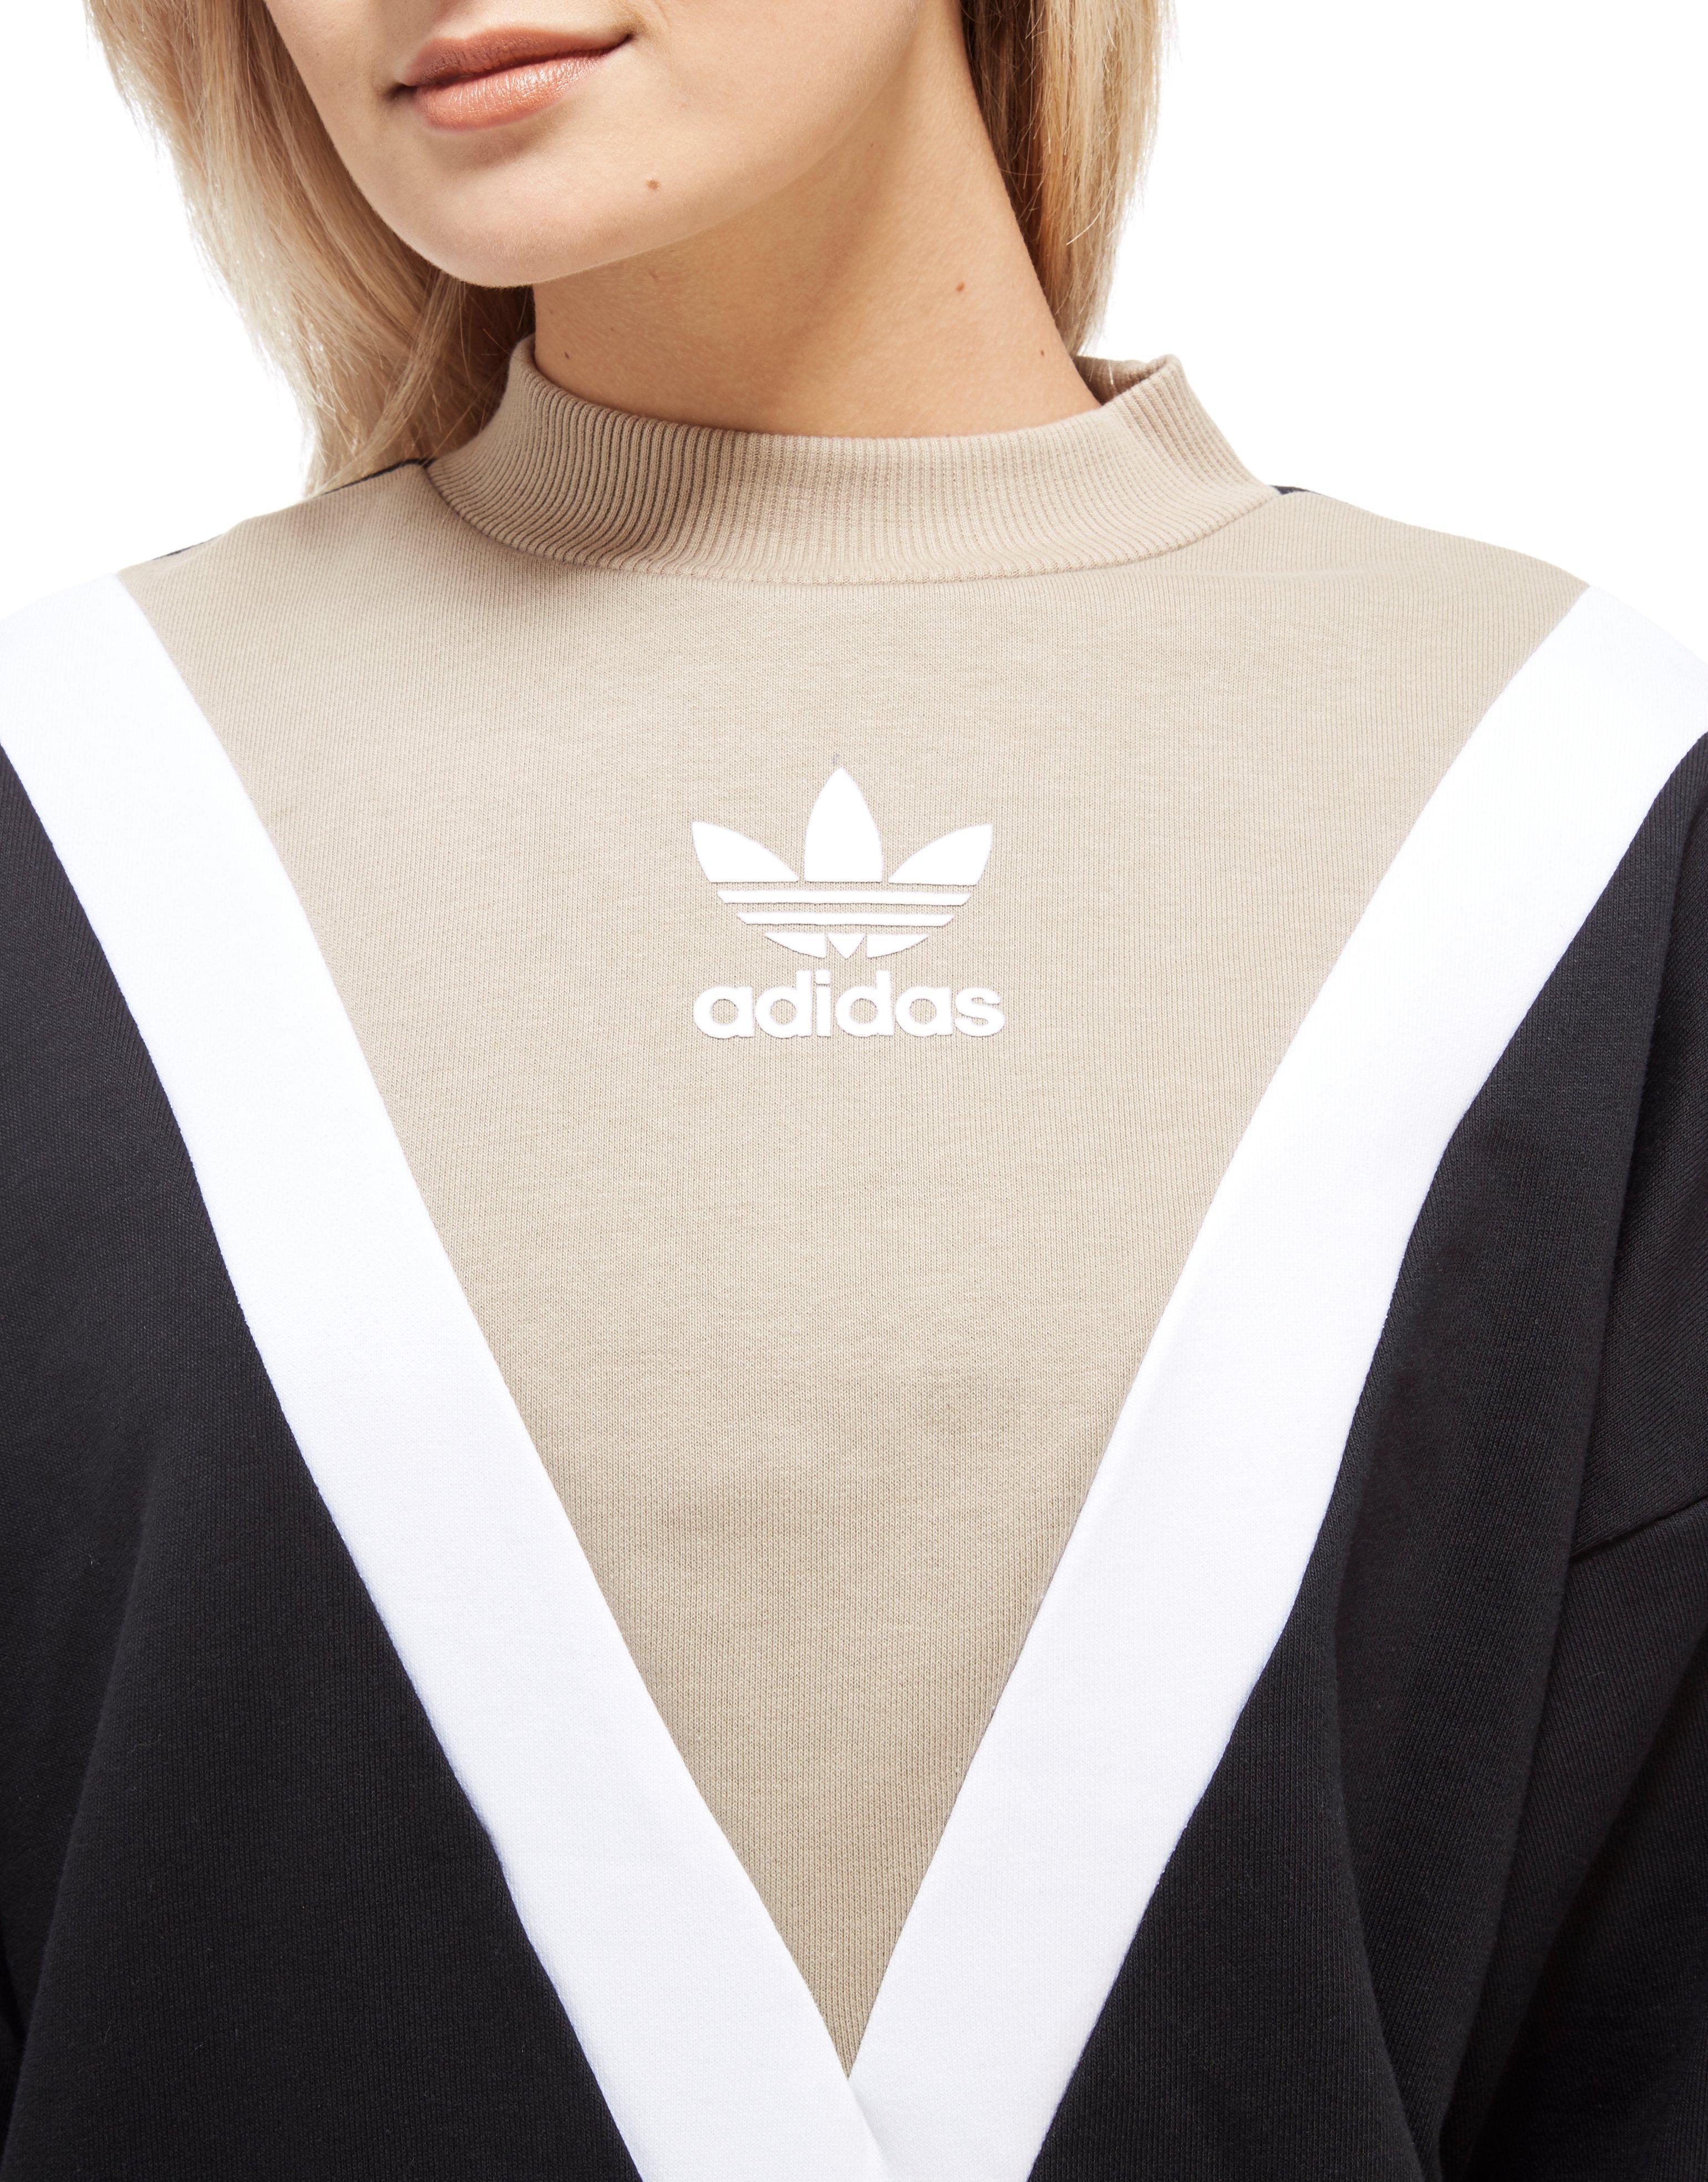 Conciso sector Volver a disparar  adidas Originals Chevron Sweatshirt in Black/Beige (Black) - Lyst